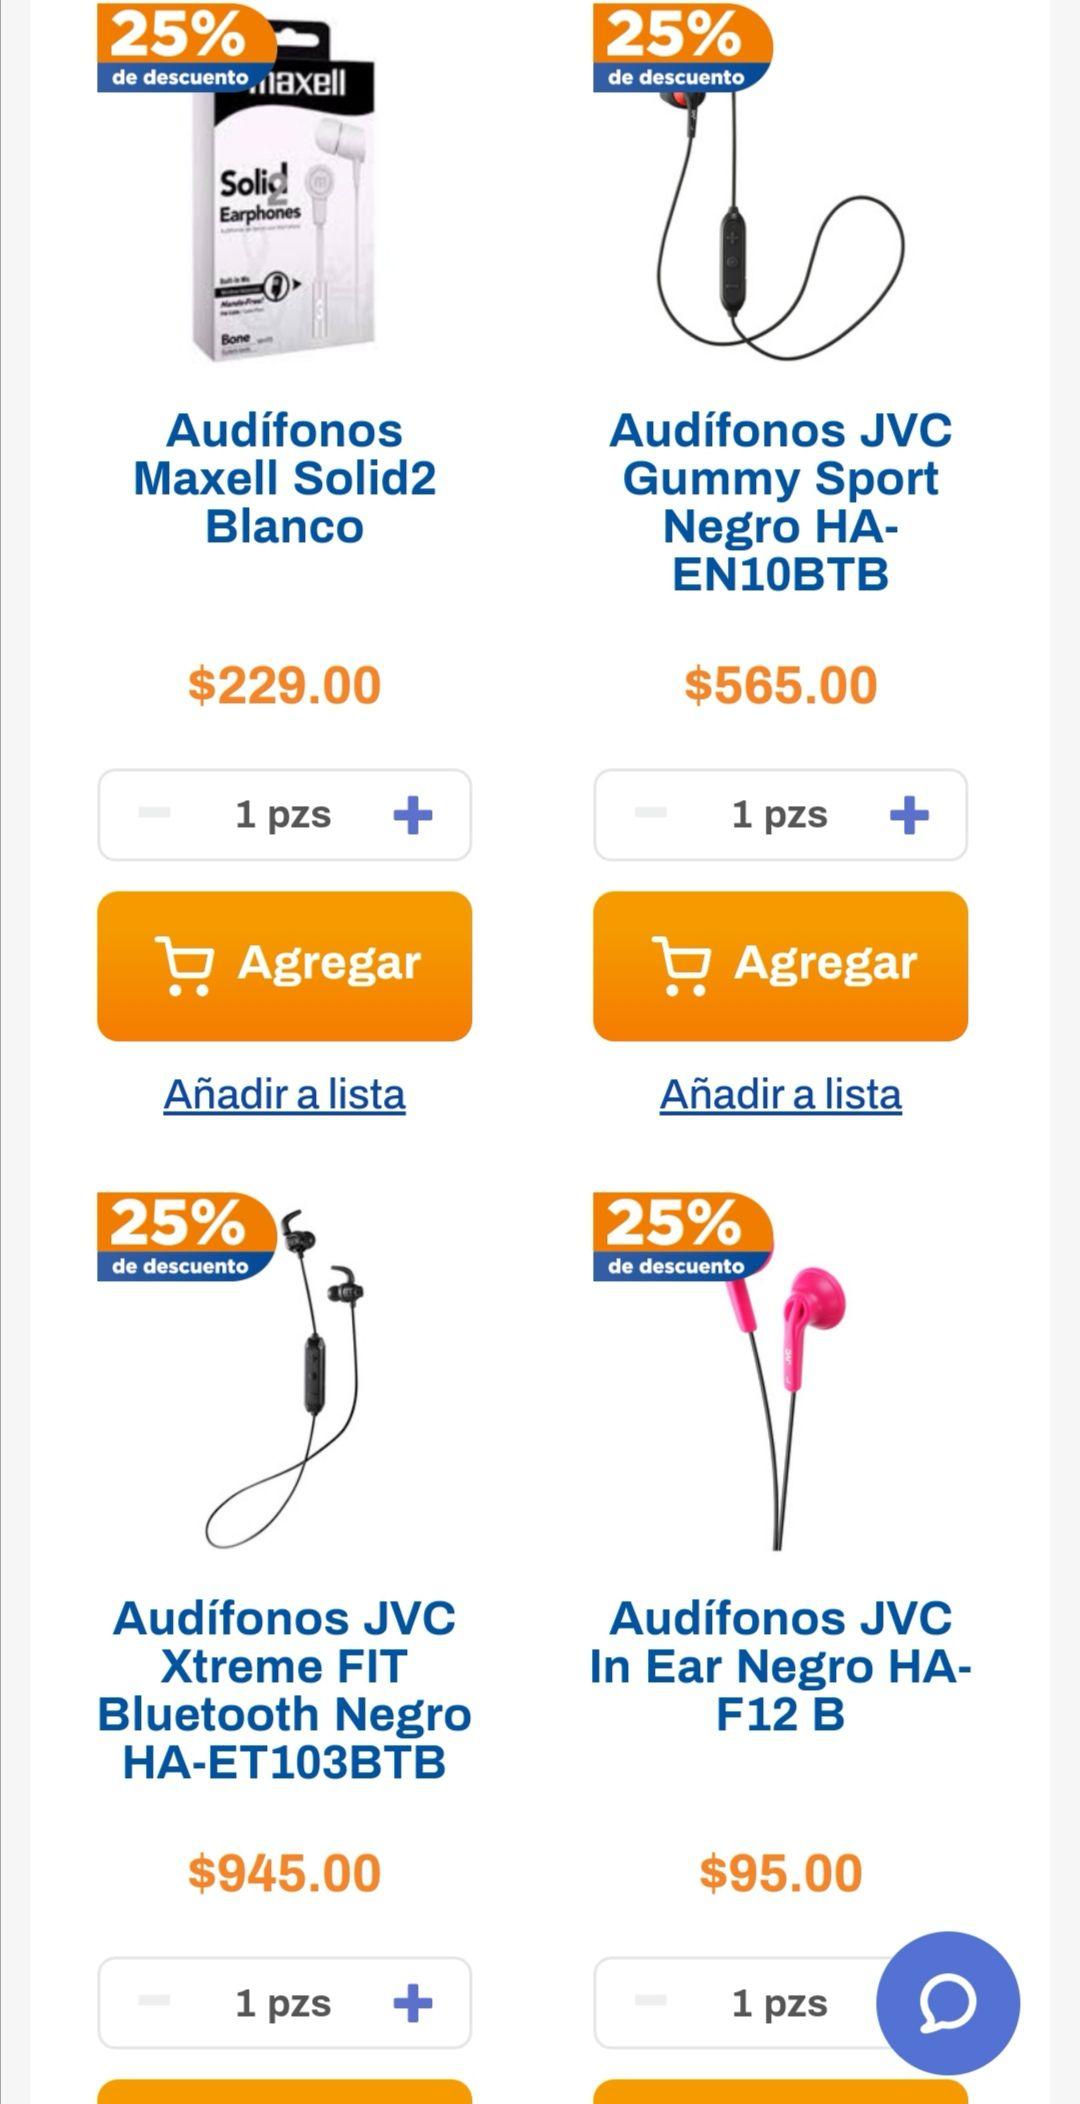 Chedraui: 25% de descuento en audífonos de las marcas Maxell, Philips y JVC